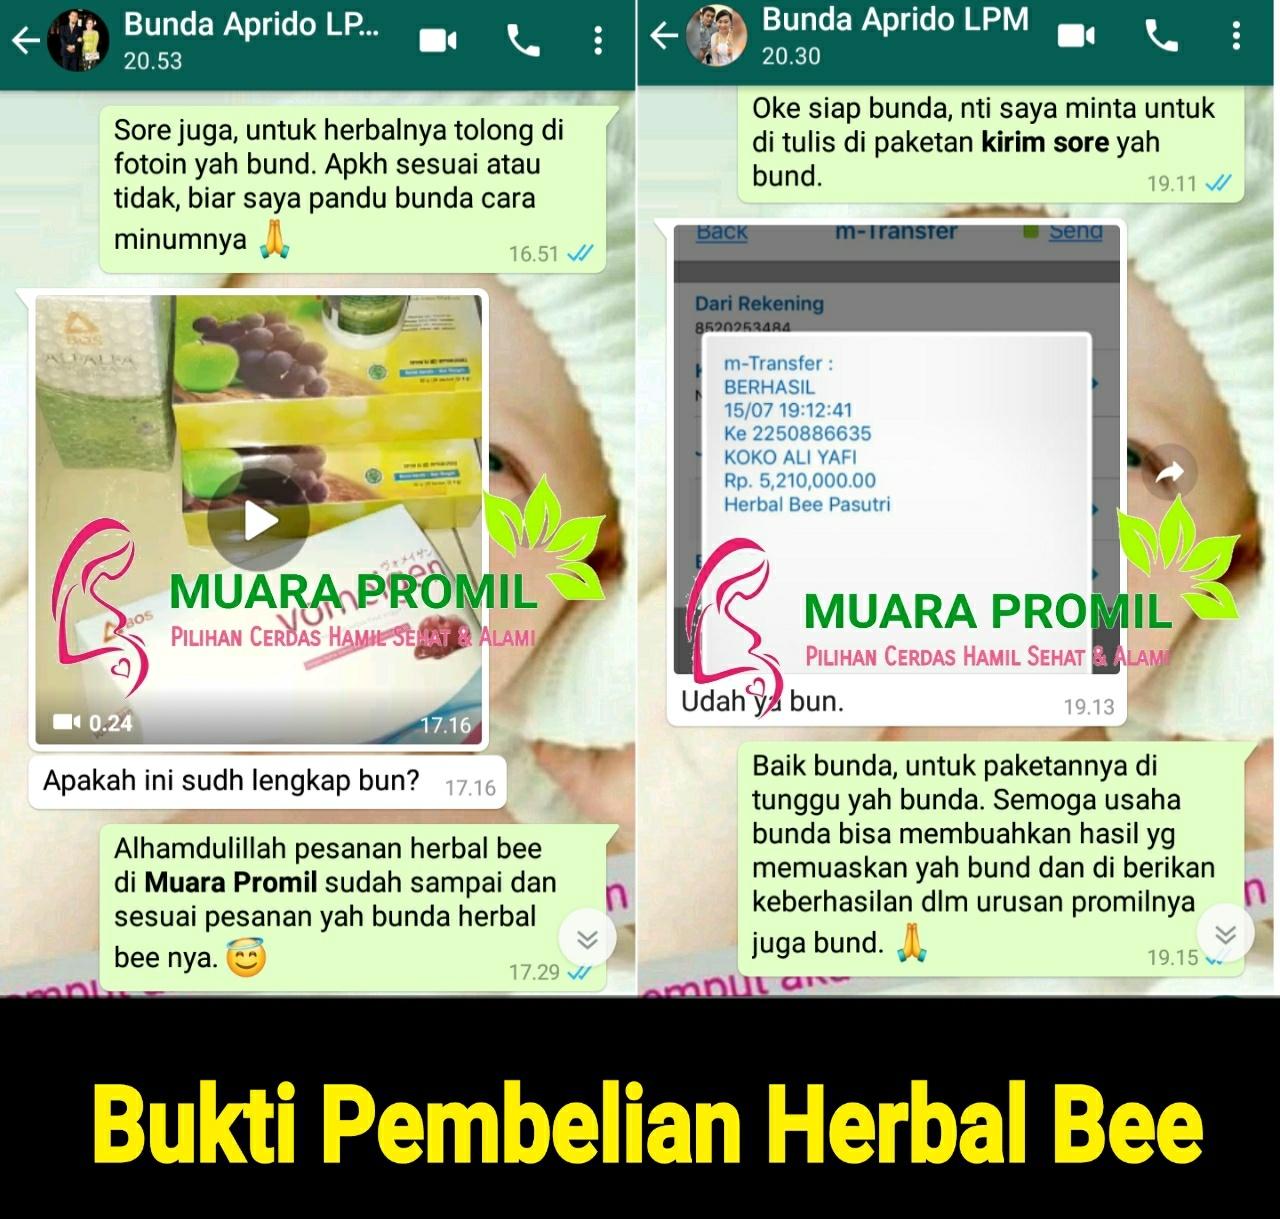 Bukti Penjualan Herbal Bee di Sulawesi Tenggara